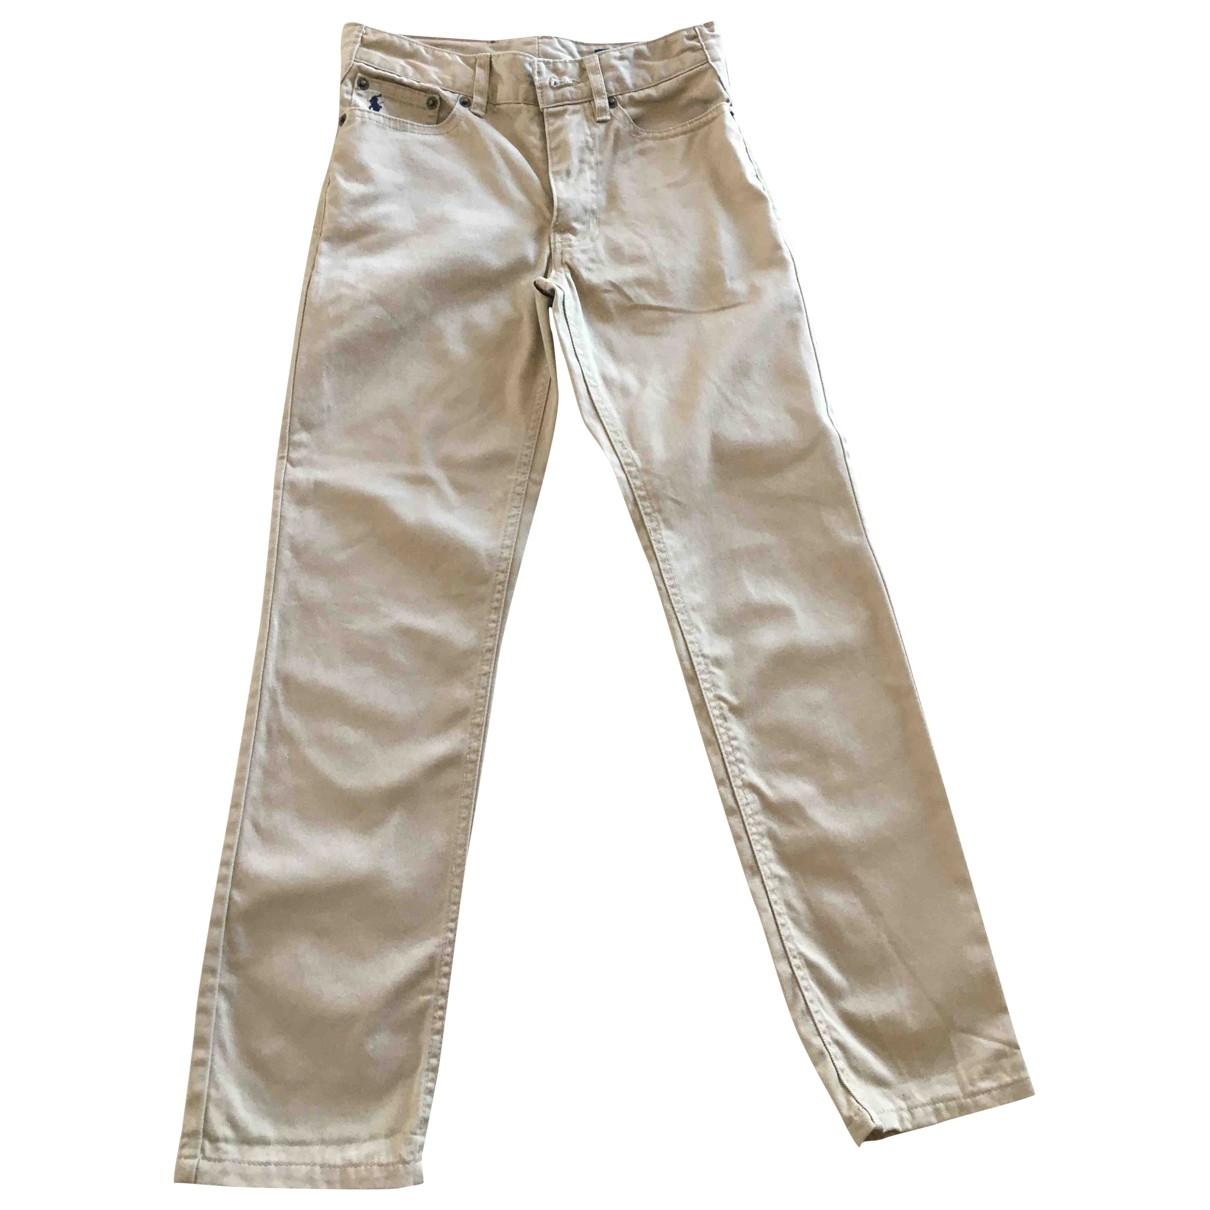 Pantalones en Algodon Beige Polo Ralph Lauren